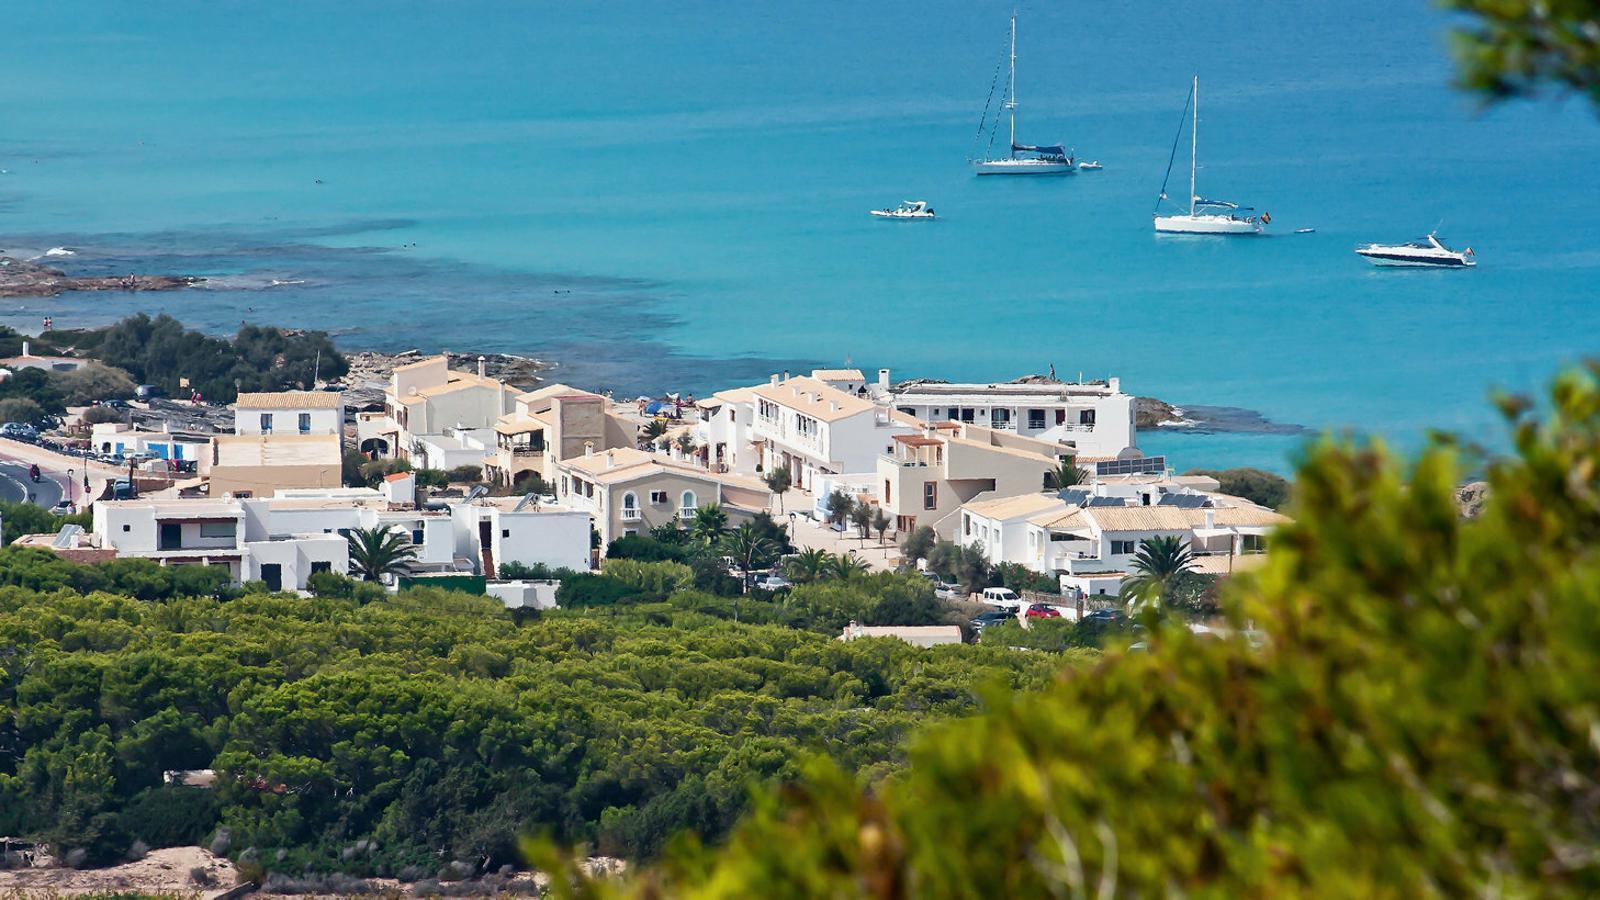 Formentera serà el primer territori de les Balears a iniciar la desescalada del confinament